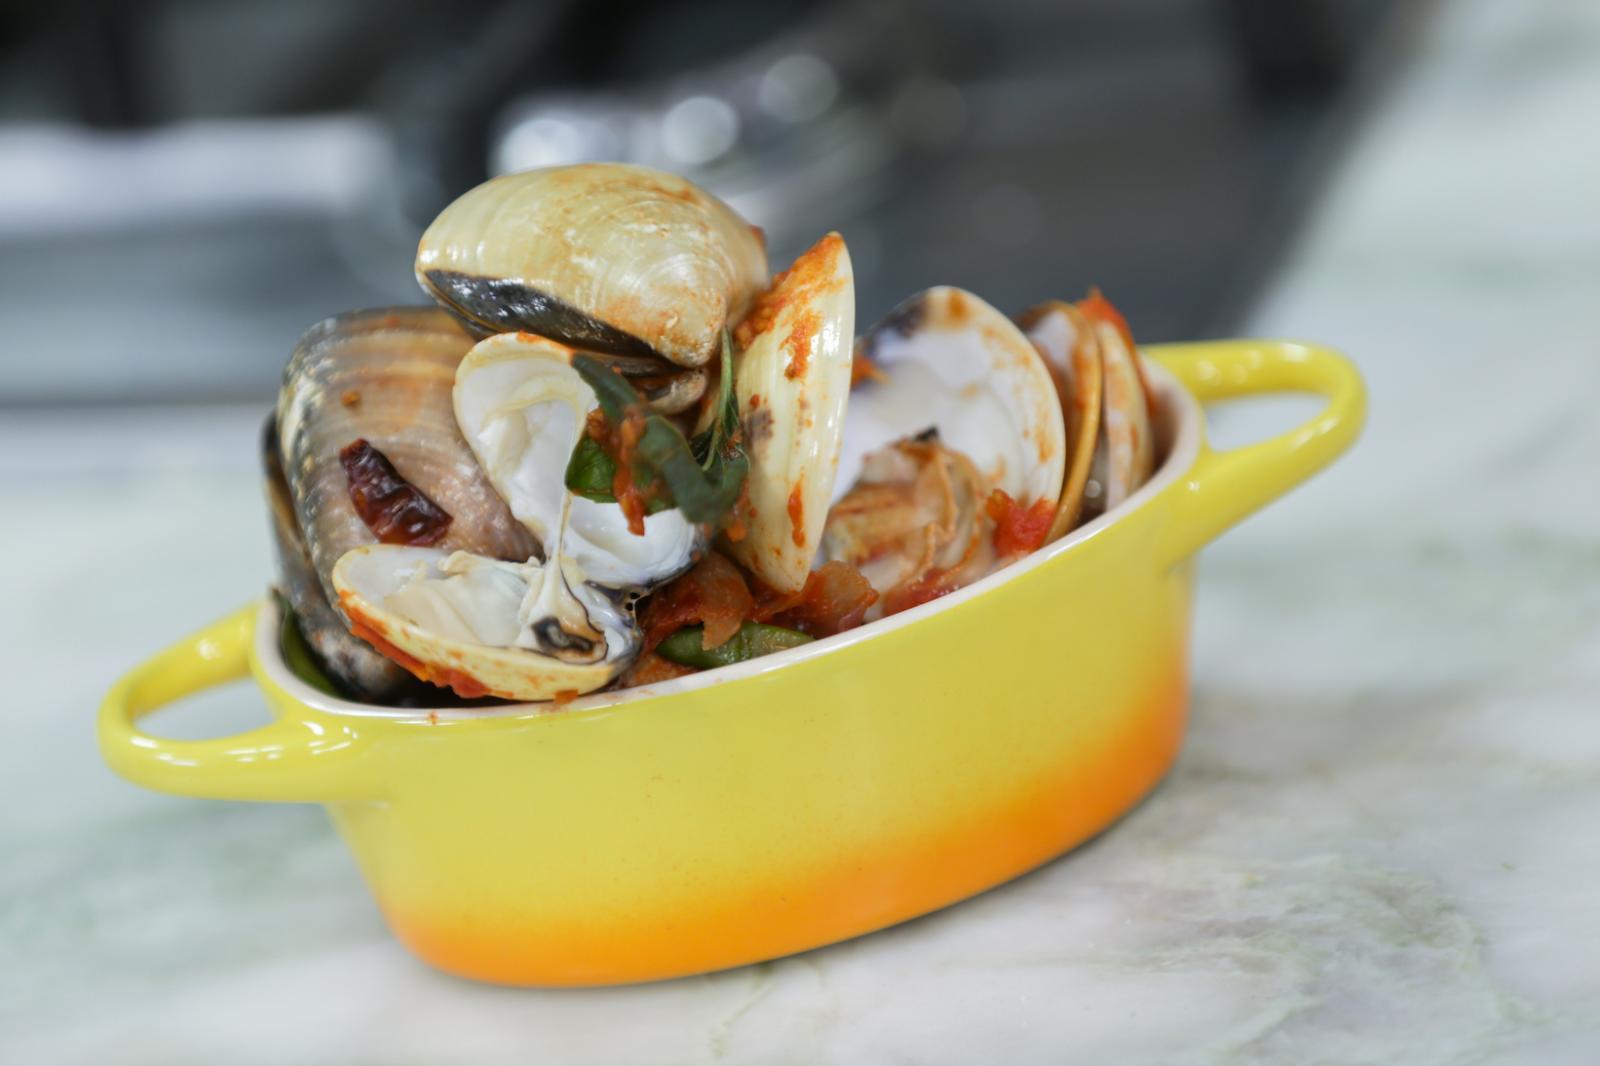 หอยตลับต้มยำมะเขือเทศ by: จิ้งหรีดขาว วงศ์เทวัญ